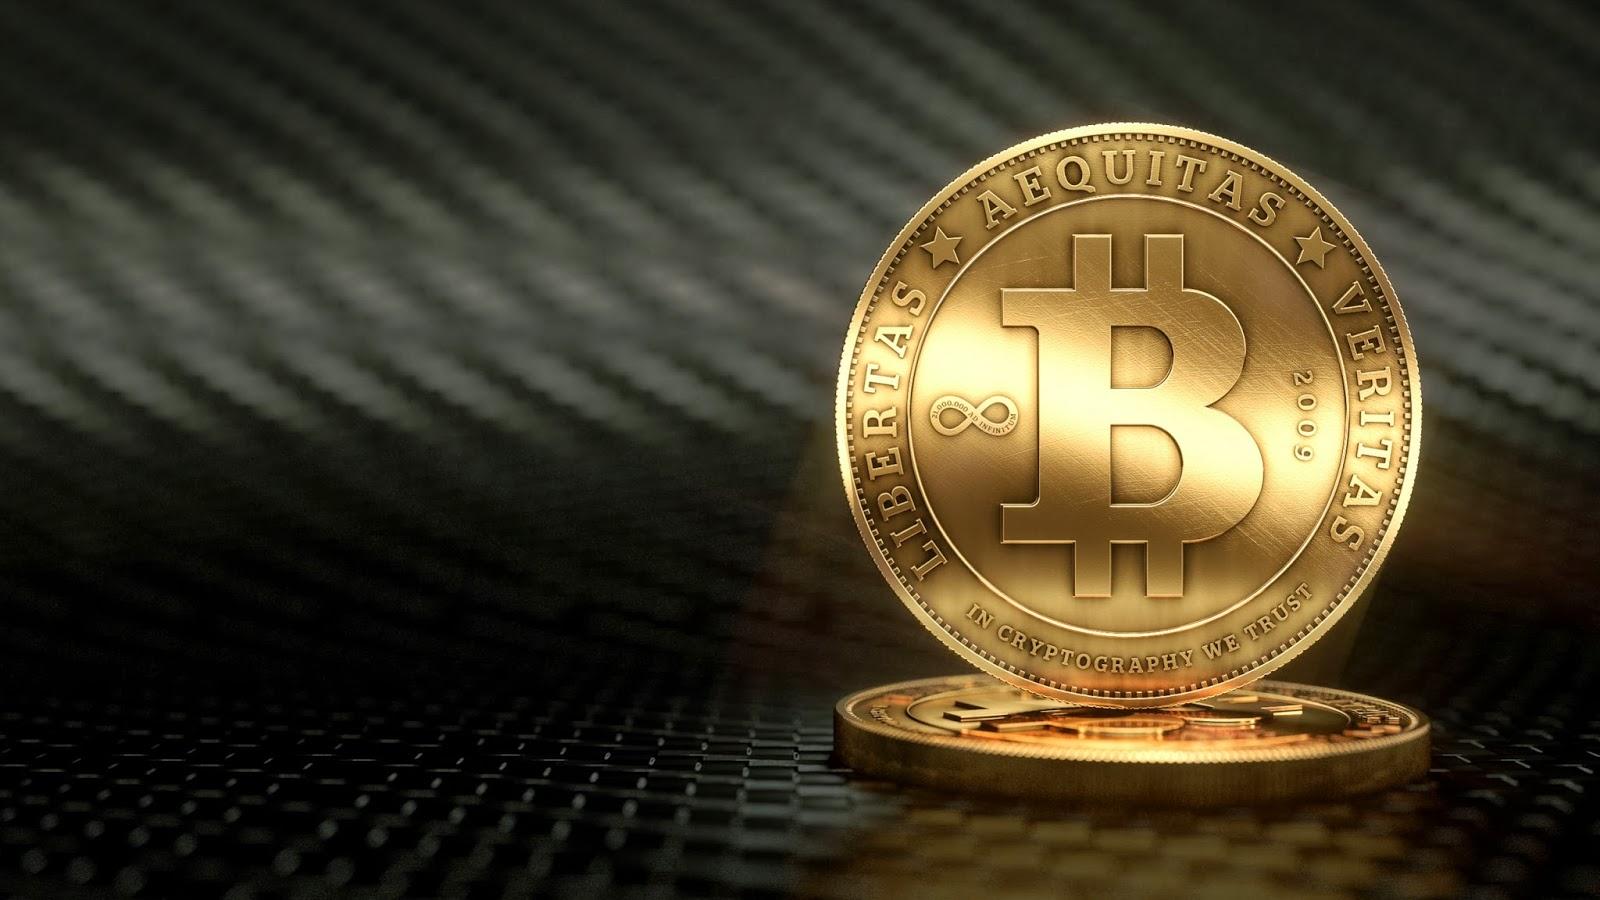 TRIBTC - tranzacționare de opțiuni binare cu Bitcoin de tip peer-to-peer